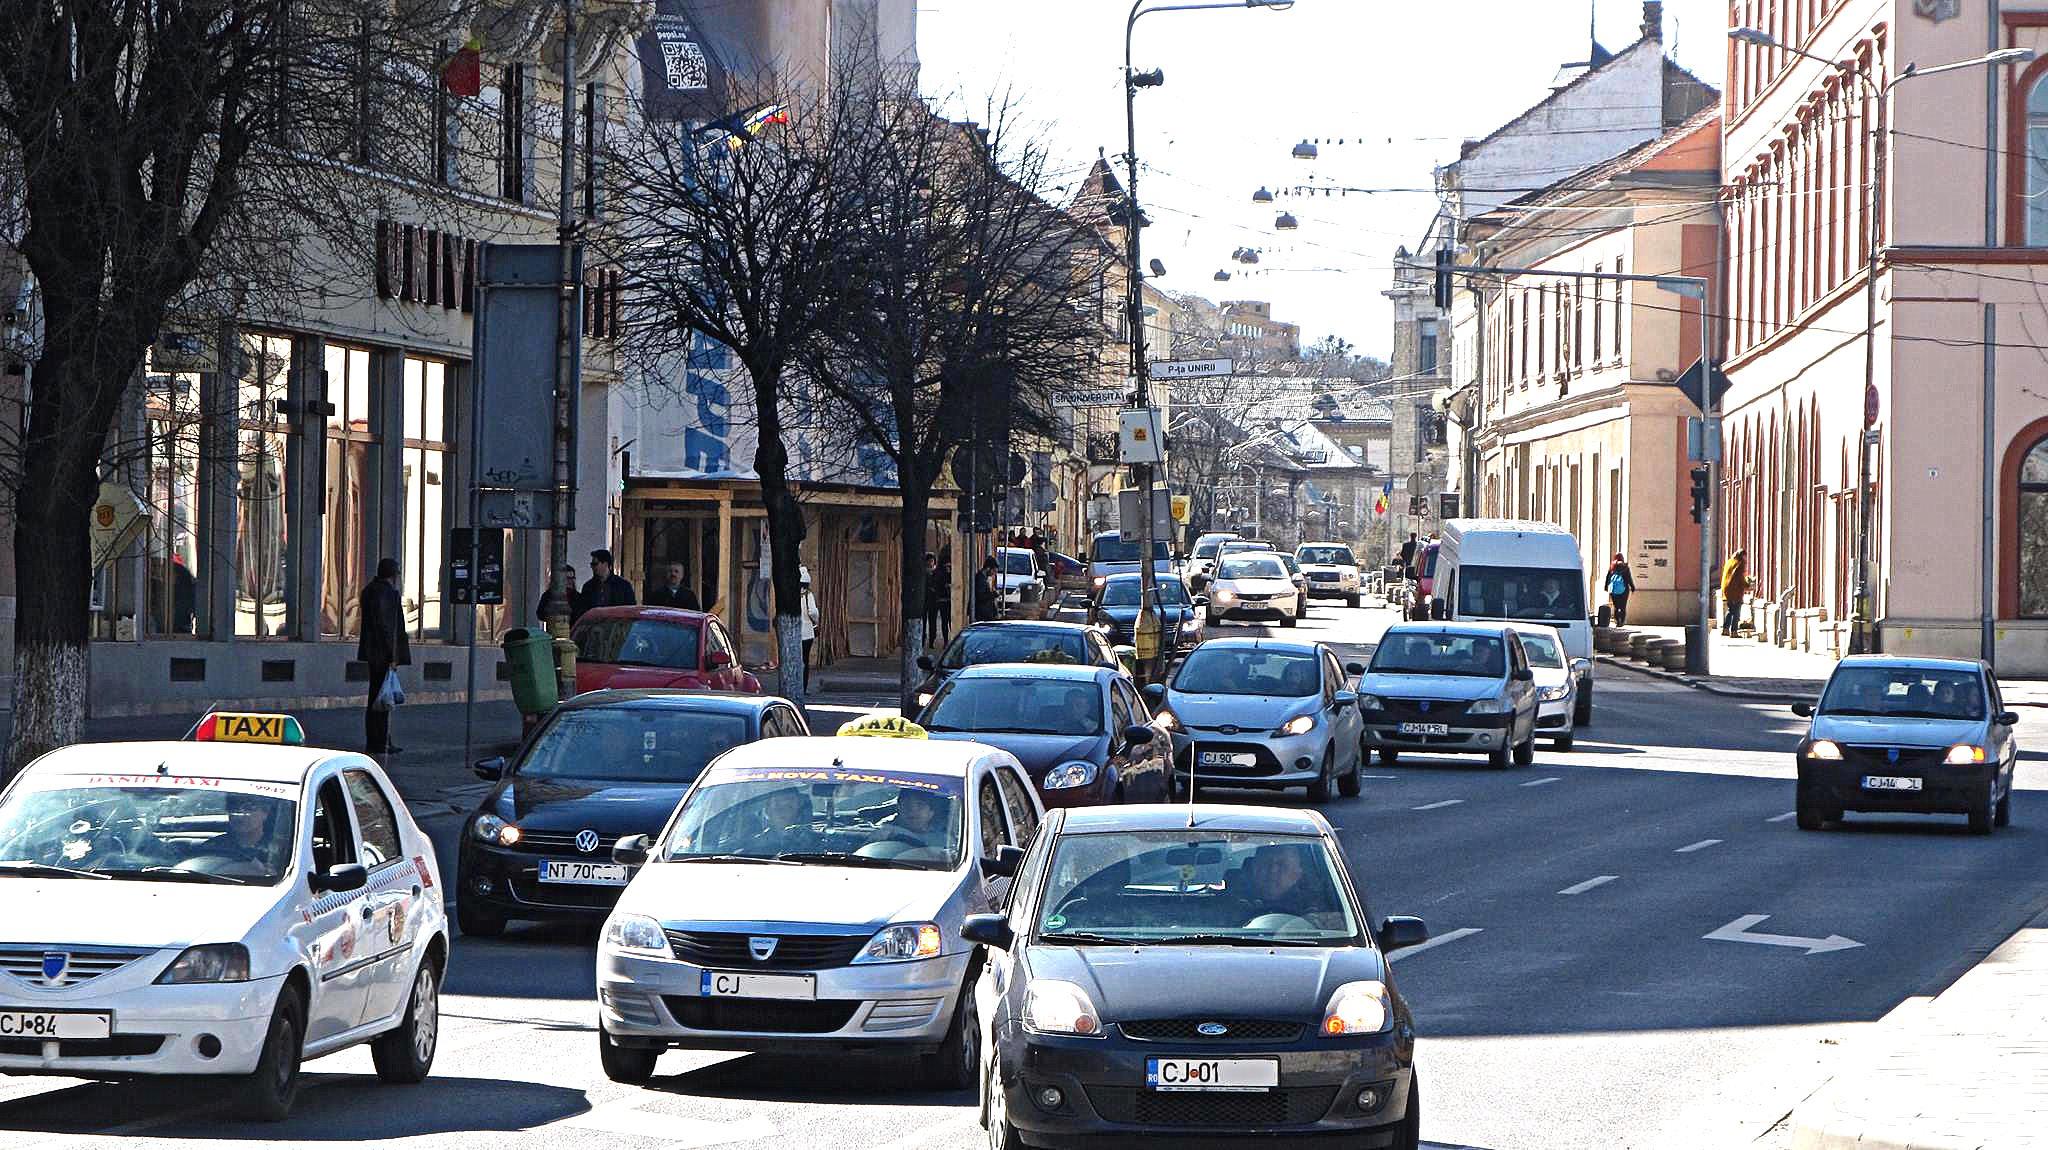 Clujul, printre orașele care sunt obligate să reducă poluarea. România ar putea fi amendată de CE